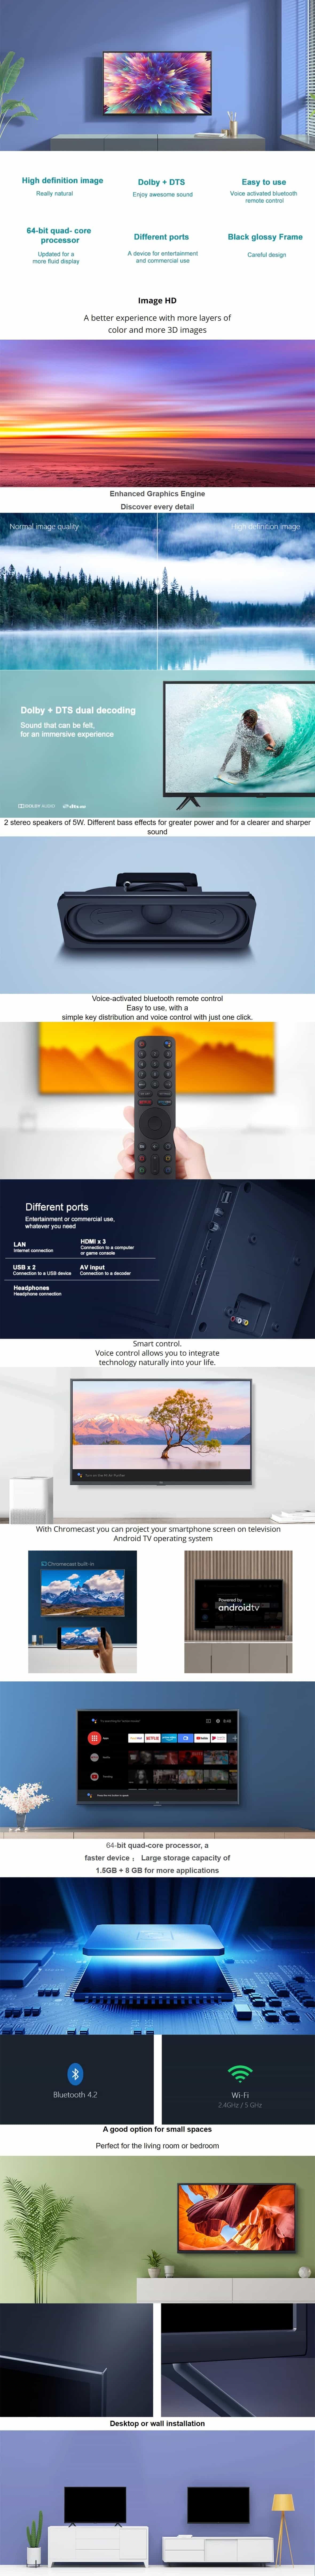 Prezentare-Xiaomi-Mi-TV-4A-32-EU553105e87bf272c7.jpg